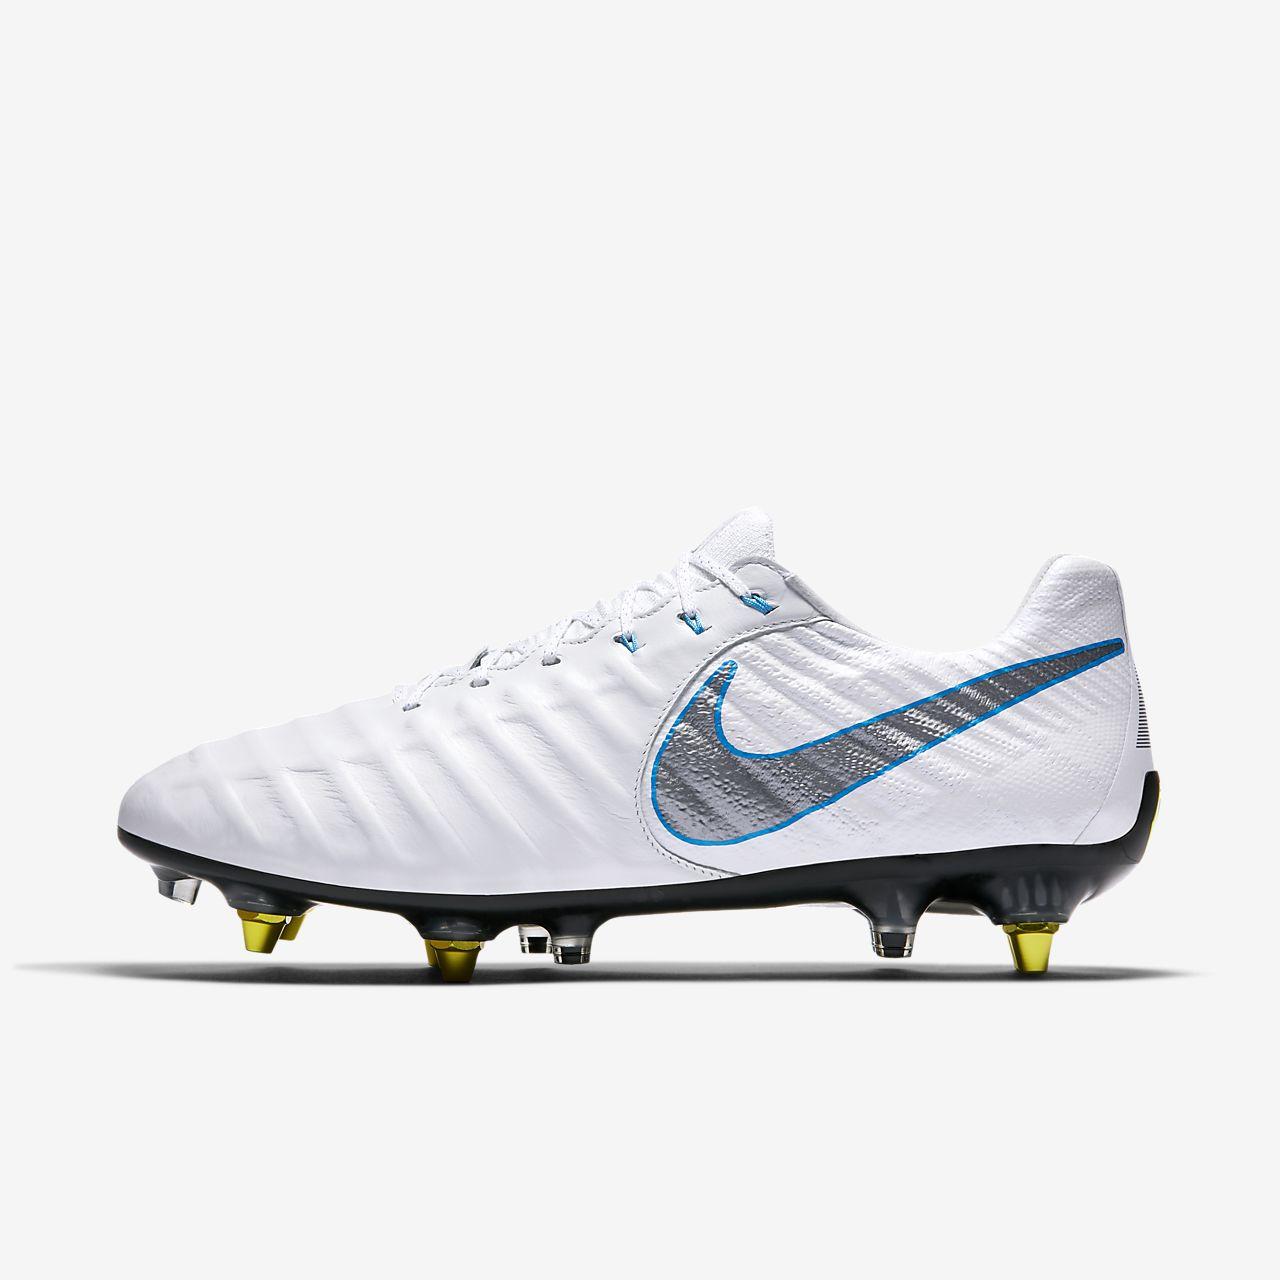 brand new 707fd 4b4b5 ... usa scarpa da calcio per terreni morbidi nike tiempo legend vii elite sg  pro anti ace8f ...